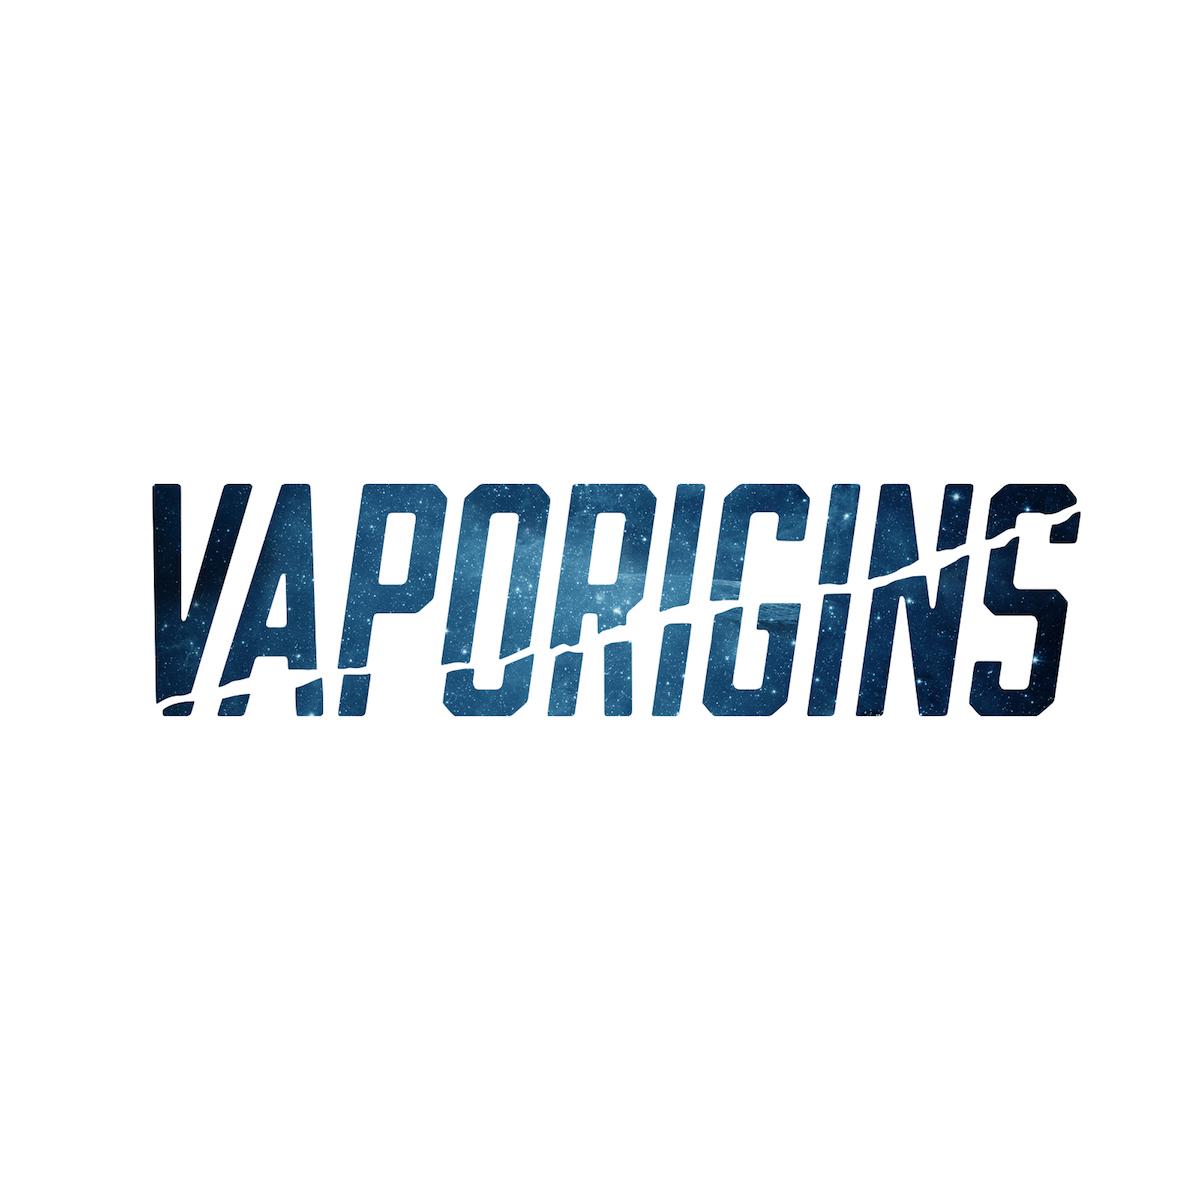 vaporigins le comptoir des vapoteurs poitiers 3 boutiques ecigarettes. Black Bedroom Furniture Sets. Home Design Ideas